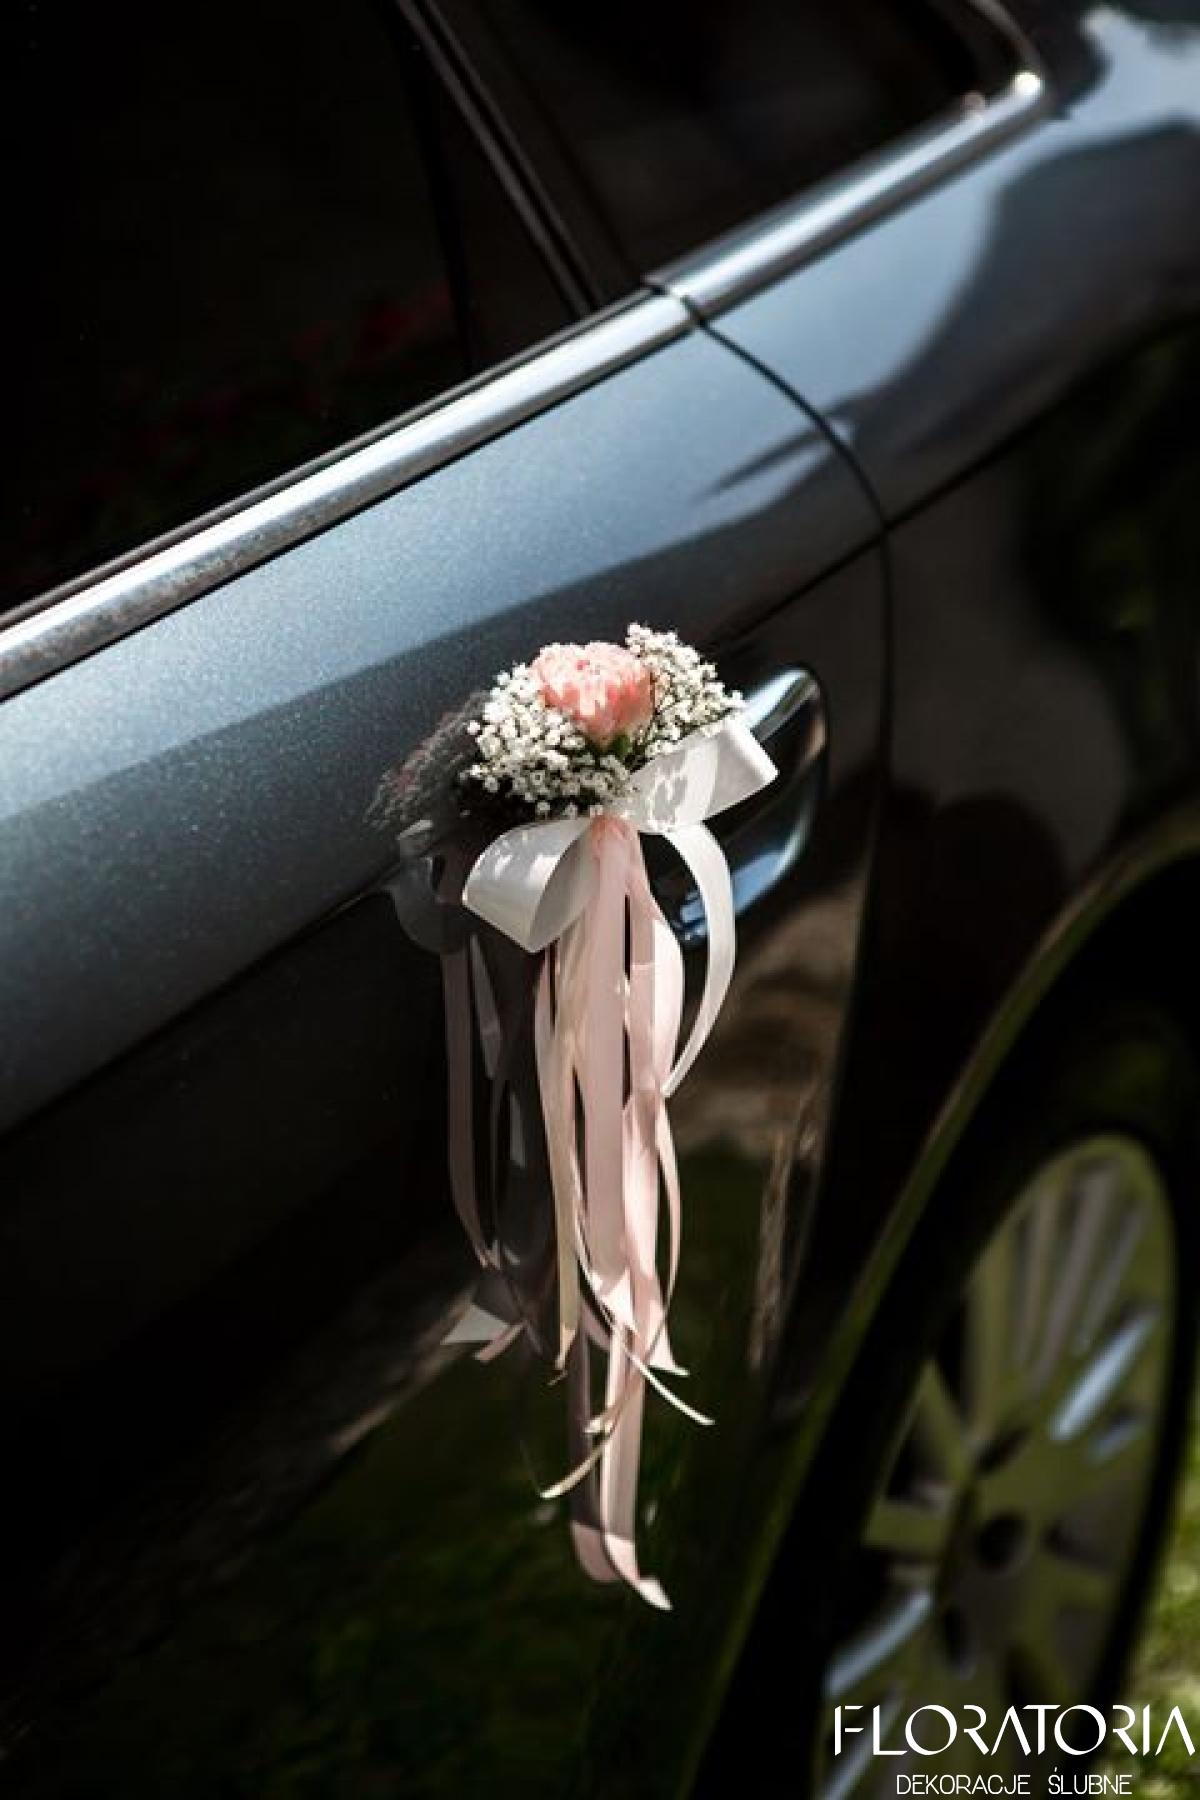 Chwalebne Dekoracja samochodu do ślubu warszawa - stylowe dekoracje samochodu NR08